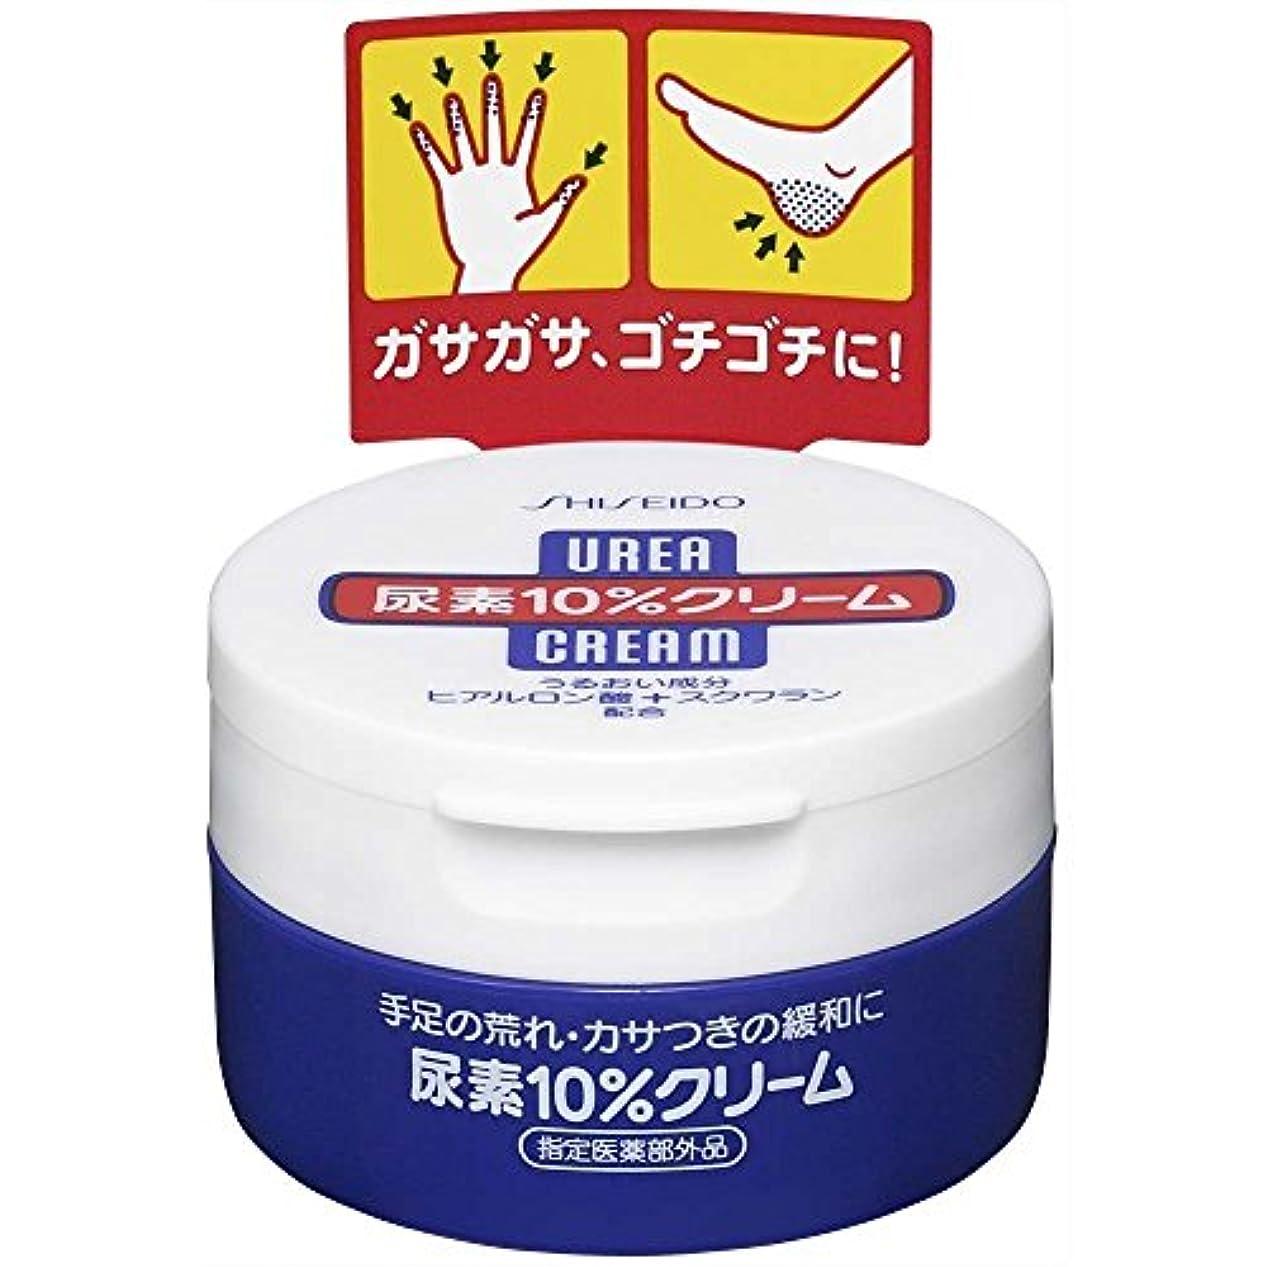 分低い崩壊資生堂 尿素10%クリーム 100g(医薬部外品)